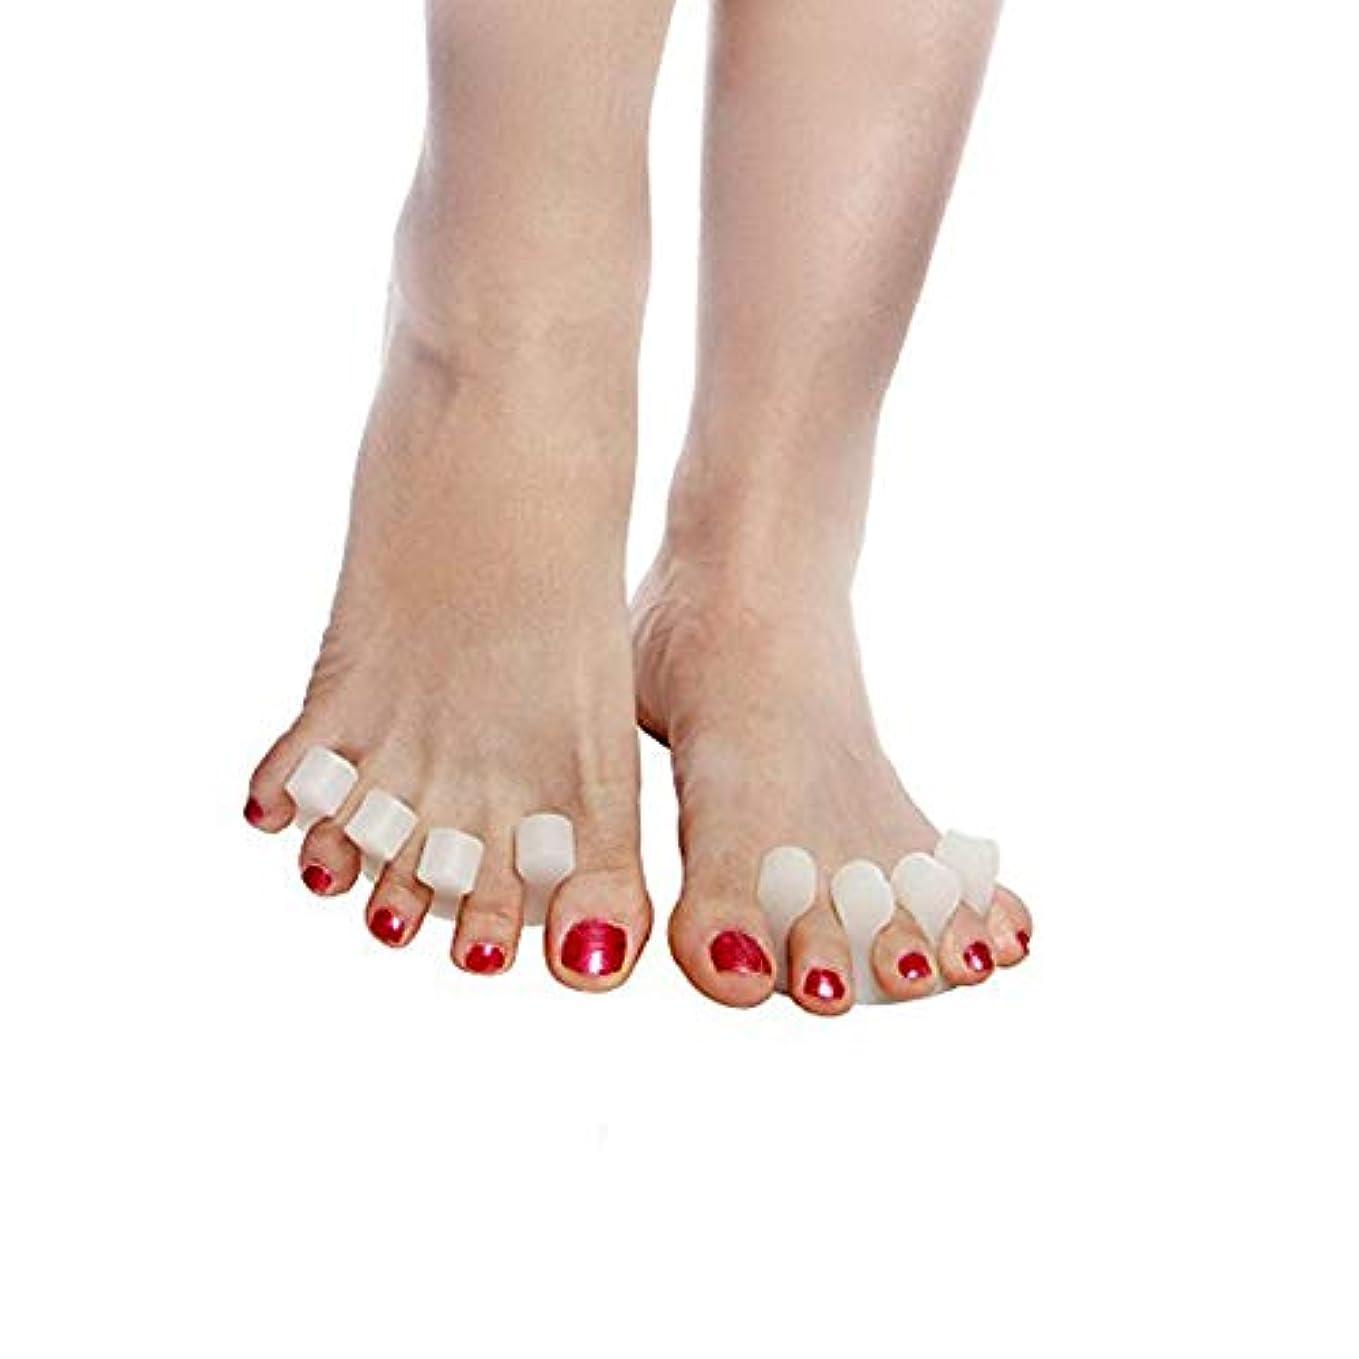 Beito 足指セパレーター,足指広げる 指間ジェルサポーター ネイル ペディキュア用 外反母趾パッド 内反小趾 手指足指全開両用 分離シリコンパッド ヨガ マニキュア用 4個セット